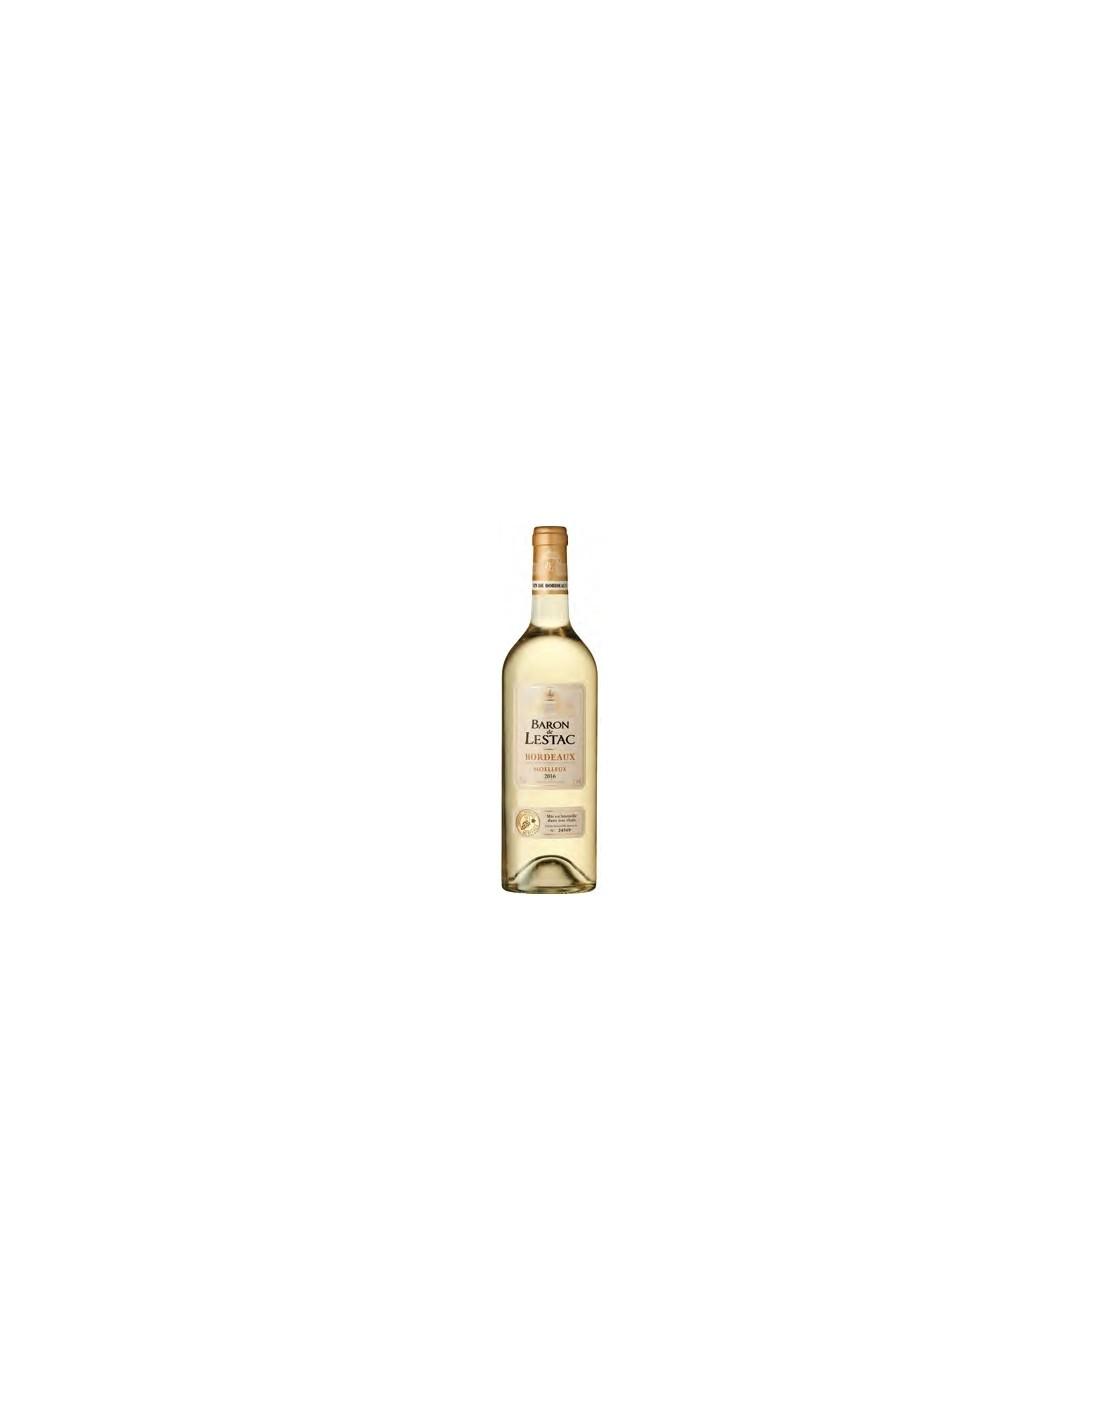 Vin alb, Moelleux, Baron de Lestac Bordeaux, 0.75L, 12% alc., Franta